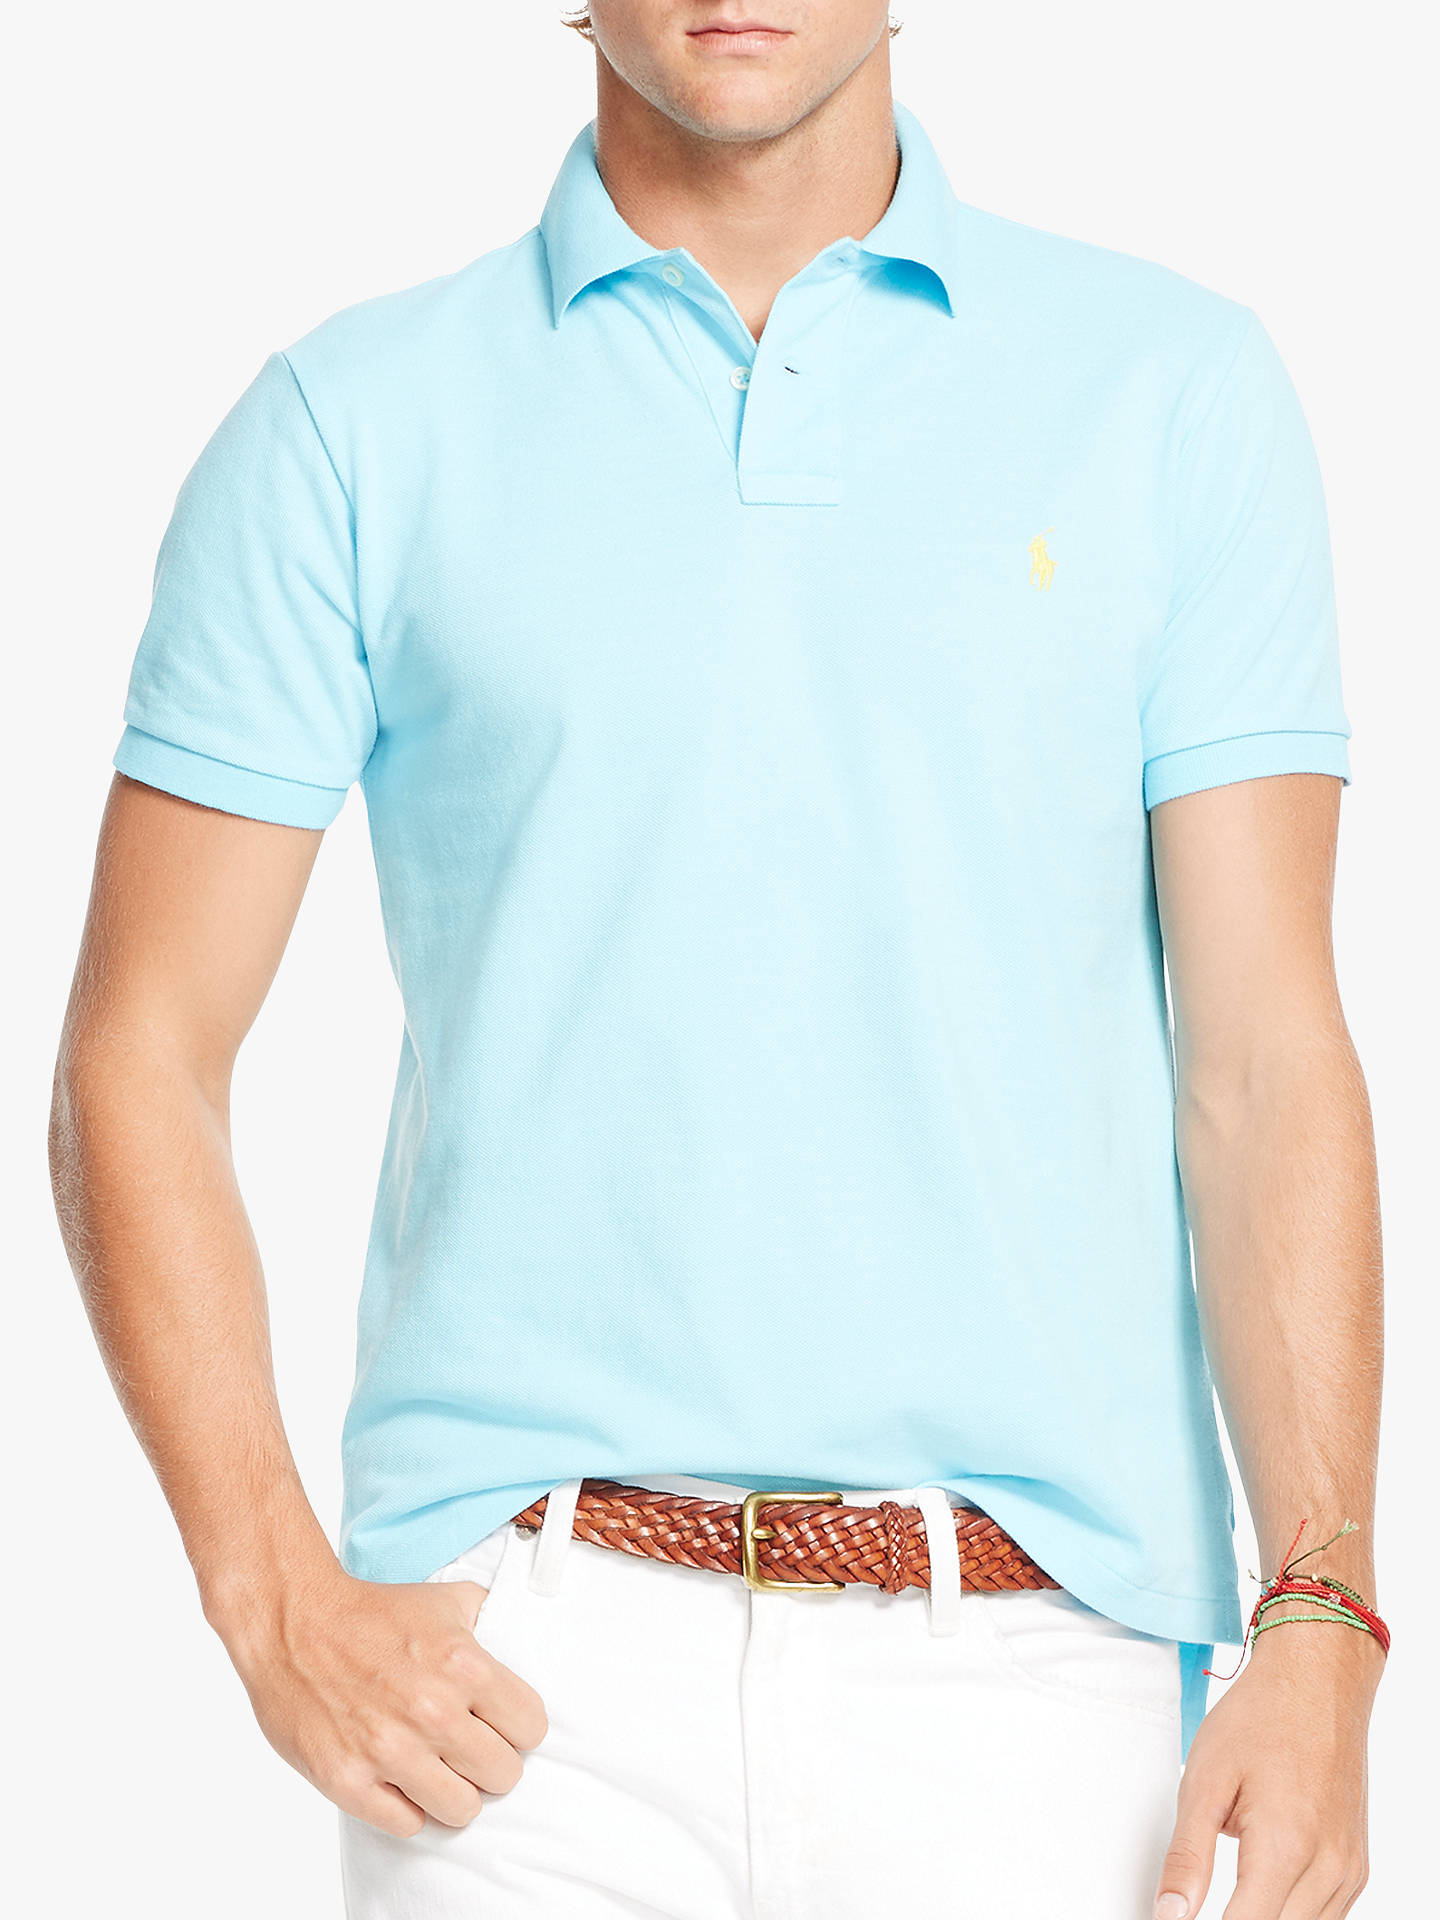 e13f6e8a8d5a1 Polo Ralph Lauren Short Sleeve Custom Slim Fit Mesh Polo Shirt at ...